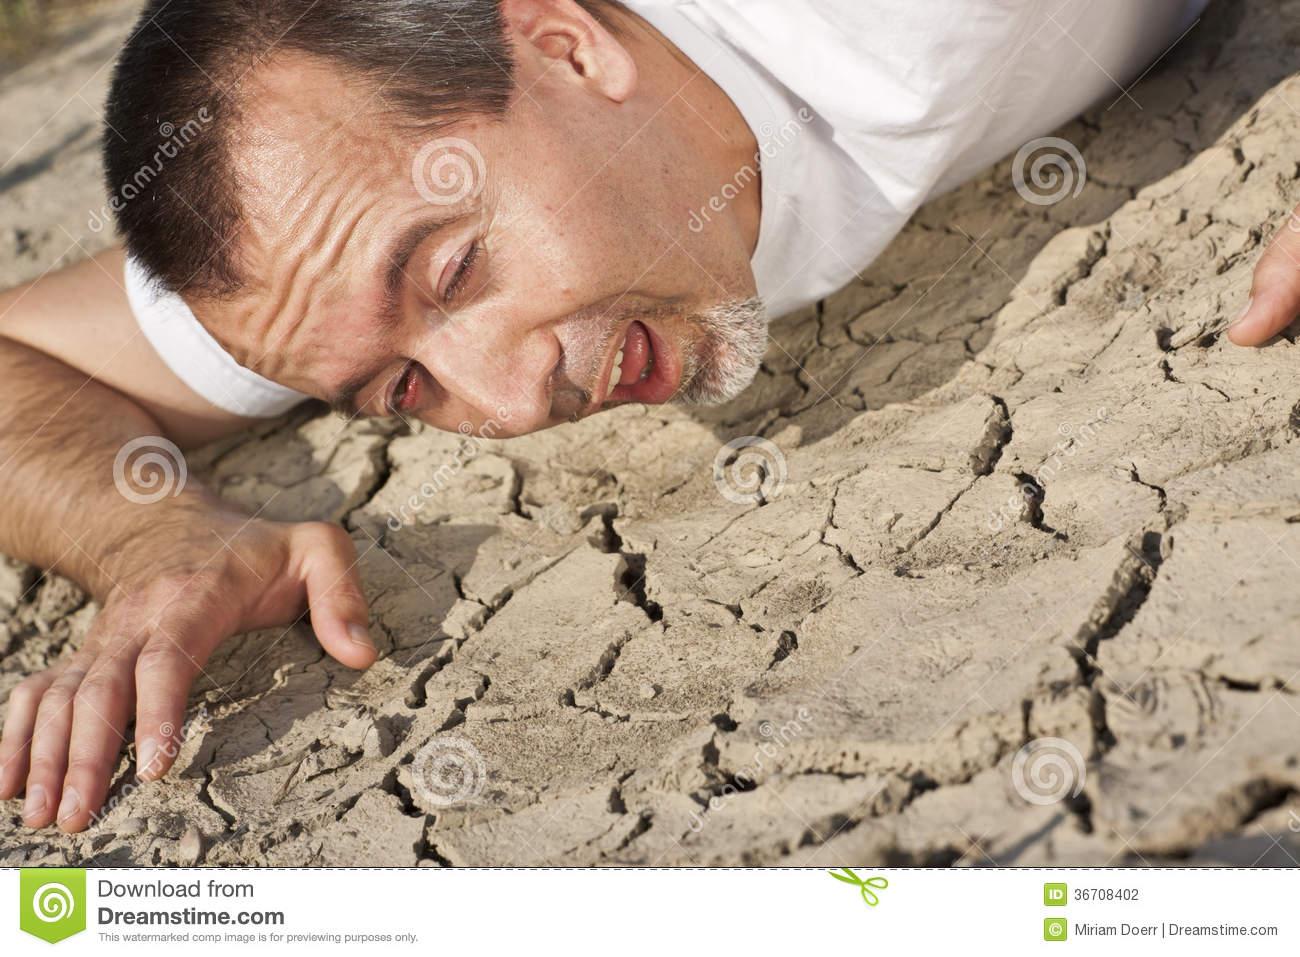 image thirsty man desert looking water 36708402 jpg steven